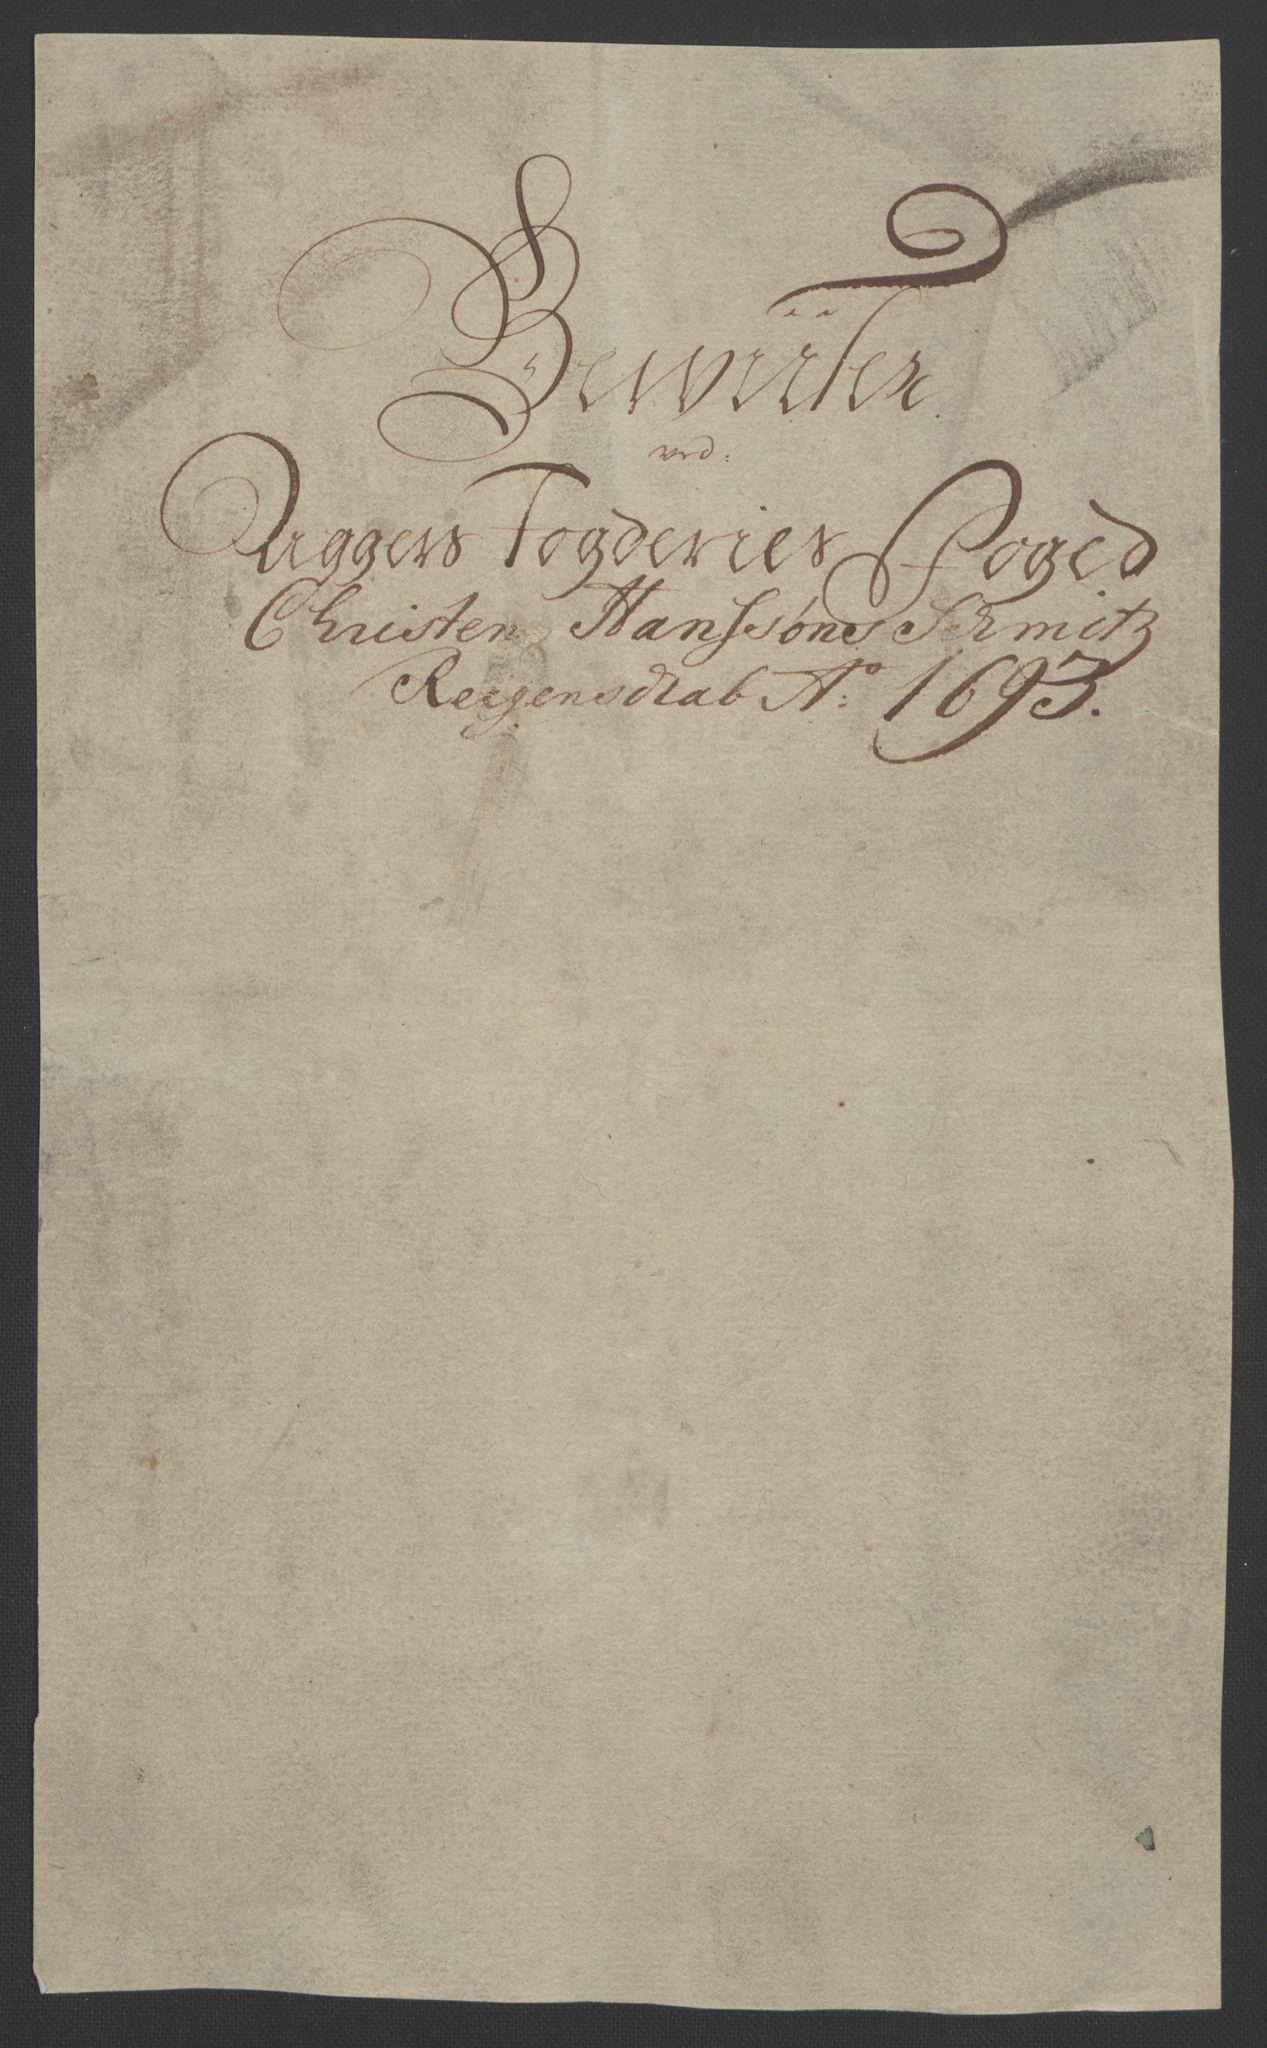 RA, Rentekammeret inntil 1814, Reviderte regnskaper, Fogderegnskap, R08/L0426: Fogderegnskap Aker, 1692-1693, s. 378